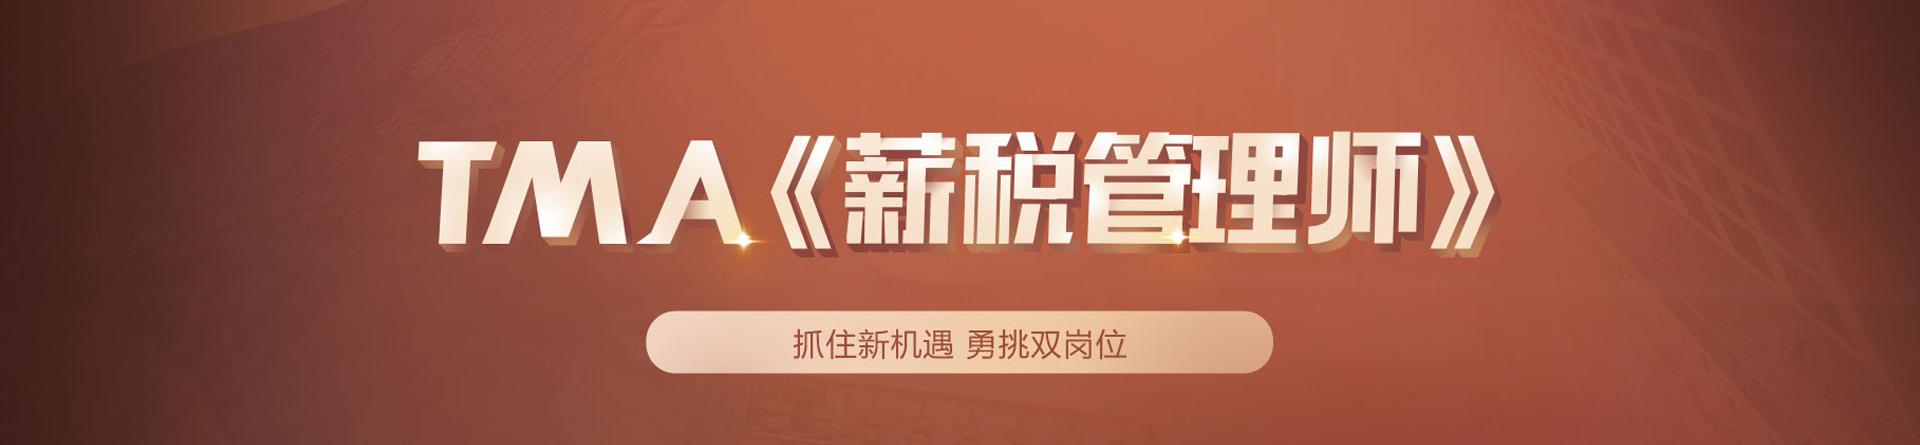 江苏常州优路教育培训学校